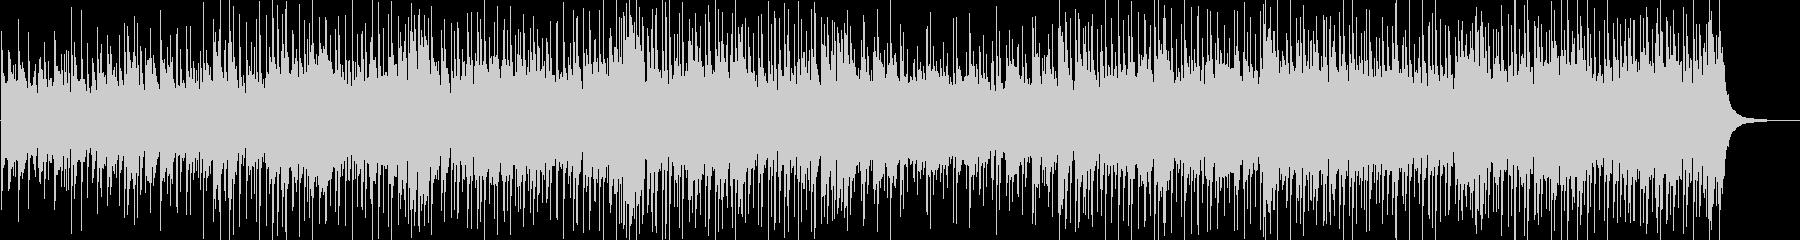 ほのぼのアコースティックでポップなBGMの未再生の波形